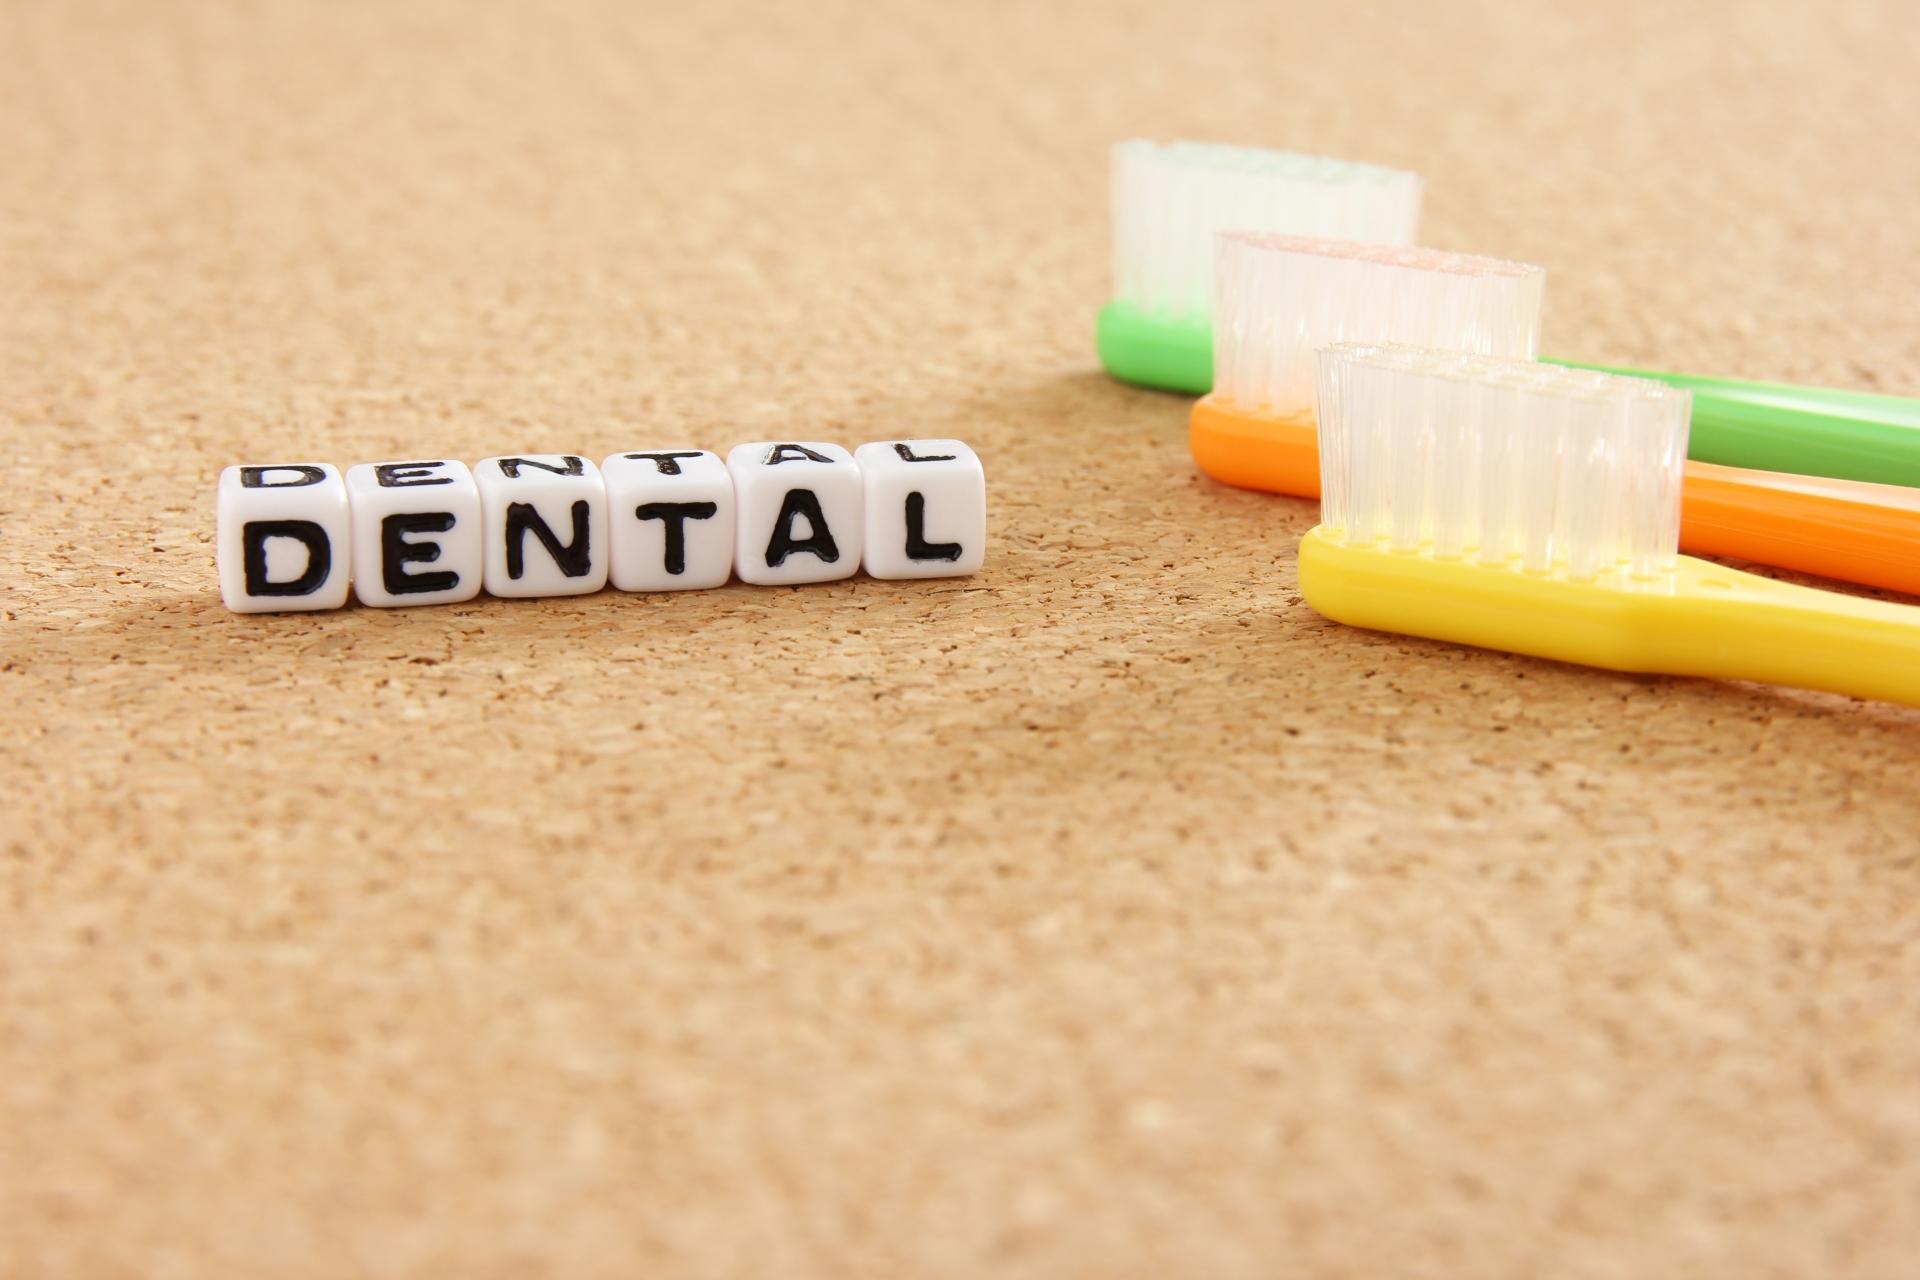 虫歯の治療、セラミックが人気なのはなぜ?